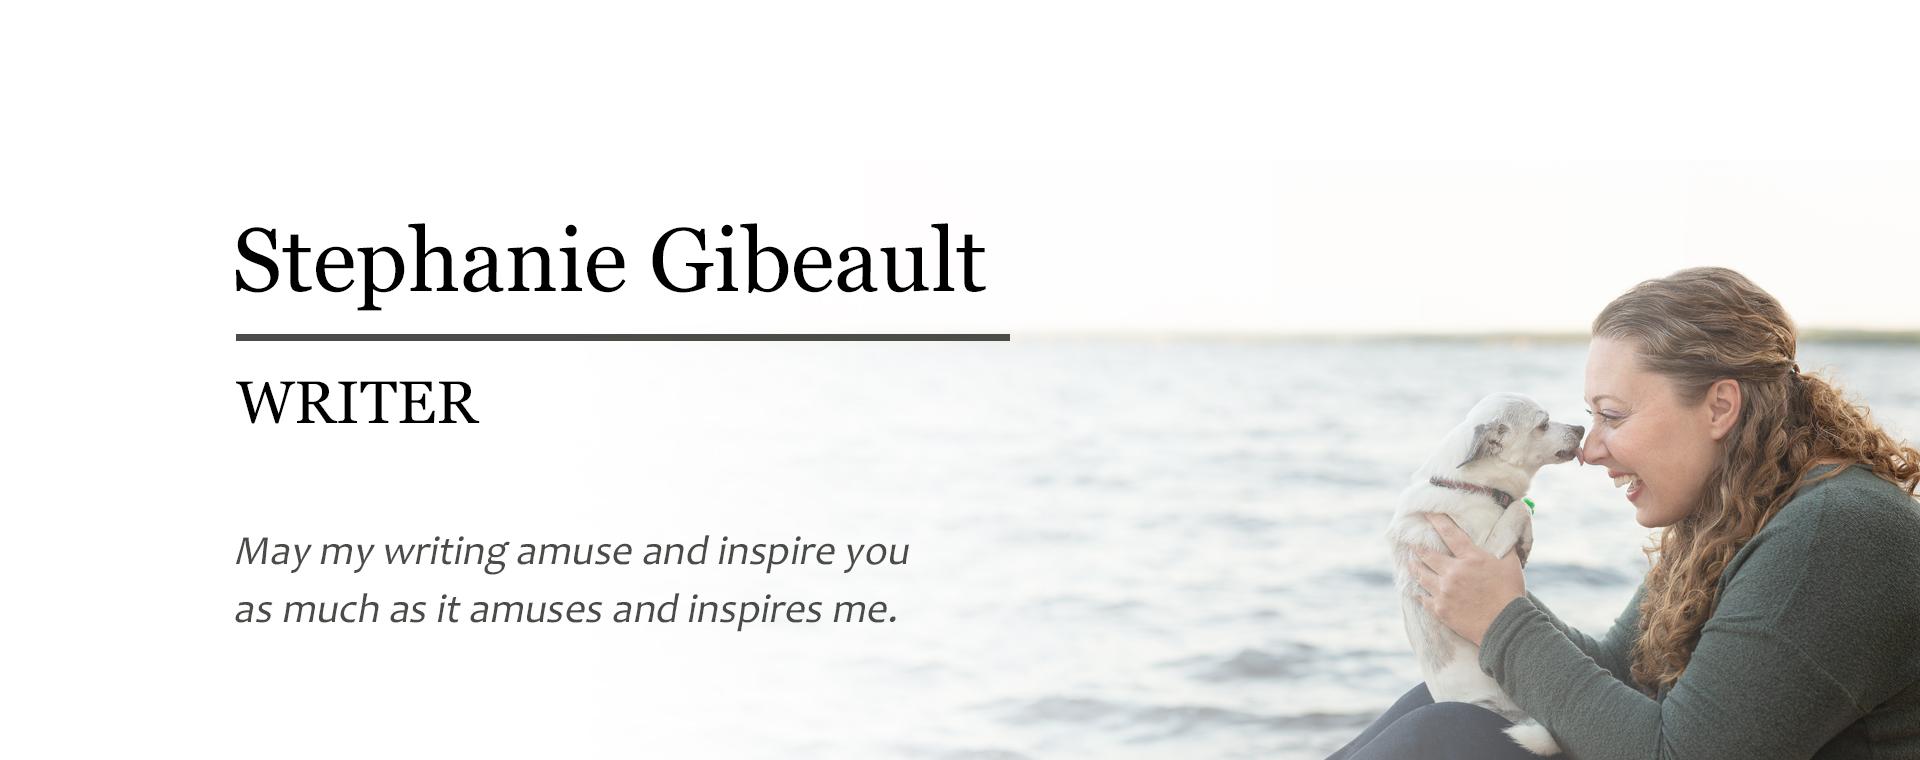 Stephanie Gibeault